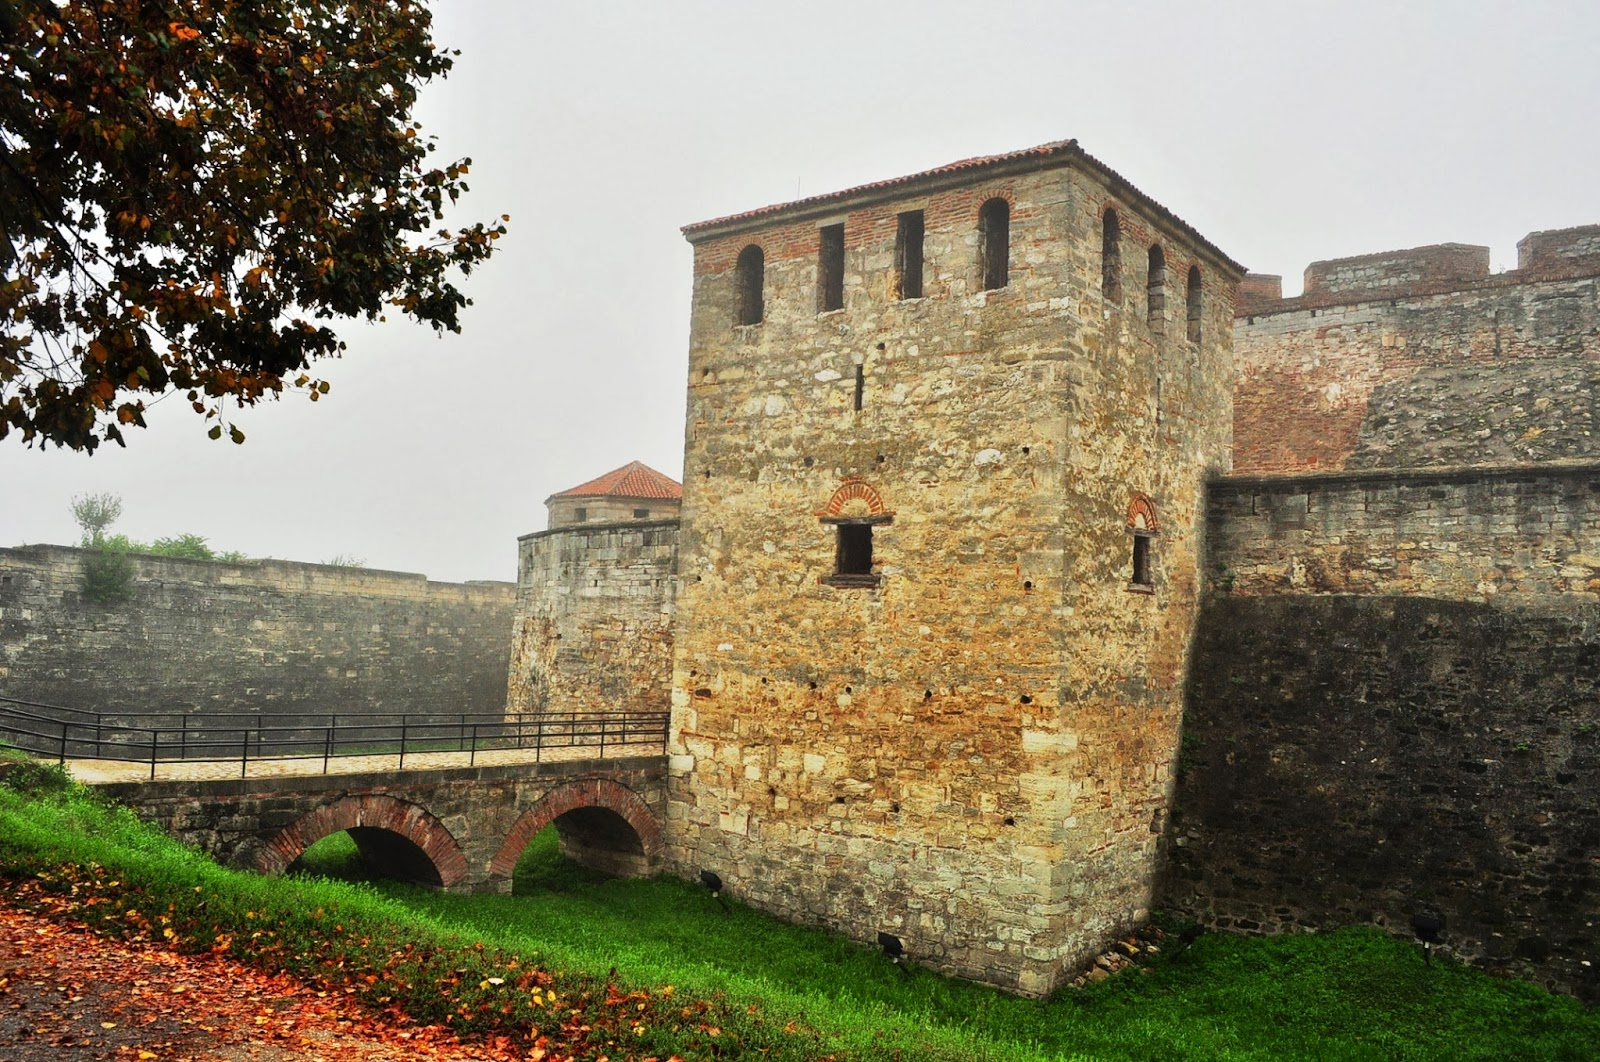 На следващата сутрин, сме неприятно изненадани от непрогледната мъгла, обичайна за тази част на България по това време на годината. В крайдунавския град Видин обаче ниската облачност плахо се разкъсва, за да разкрие пред очарованите ни погледи масивния силует на средновековната крепост Баба Вида. Основите й са били поставени още през 10-ти век.